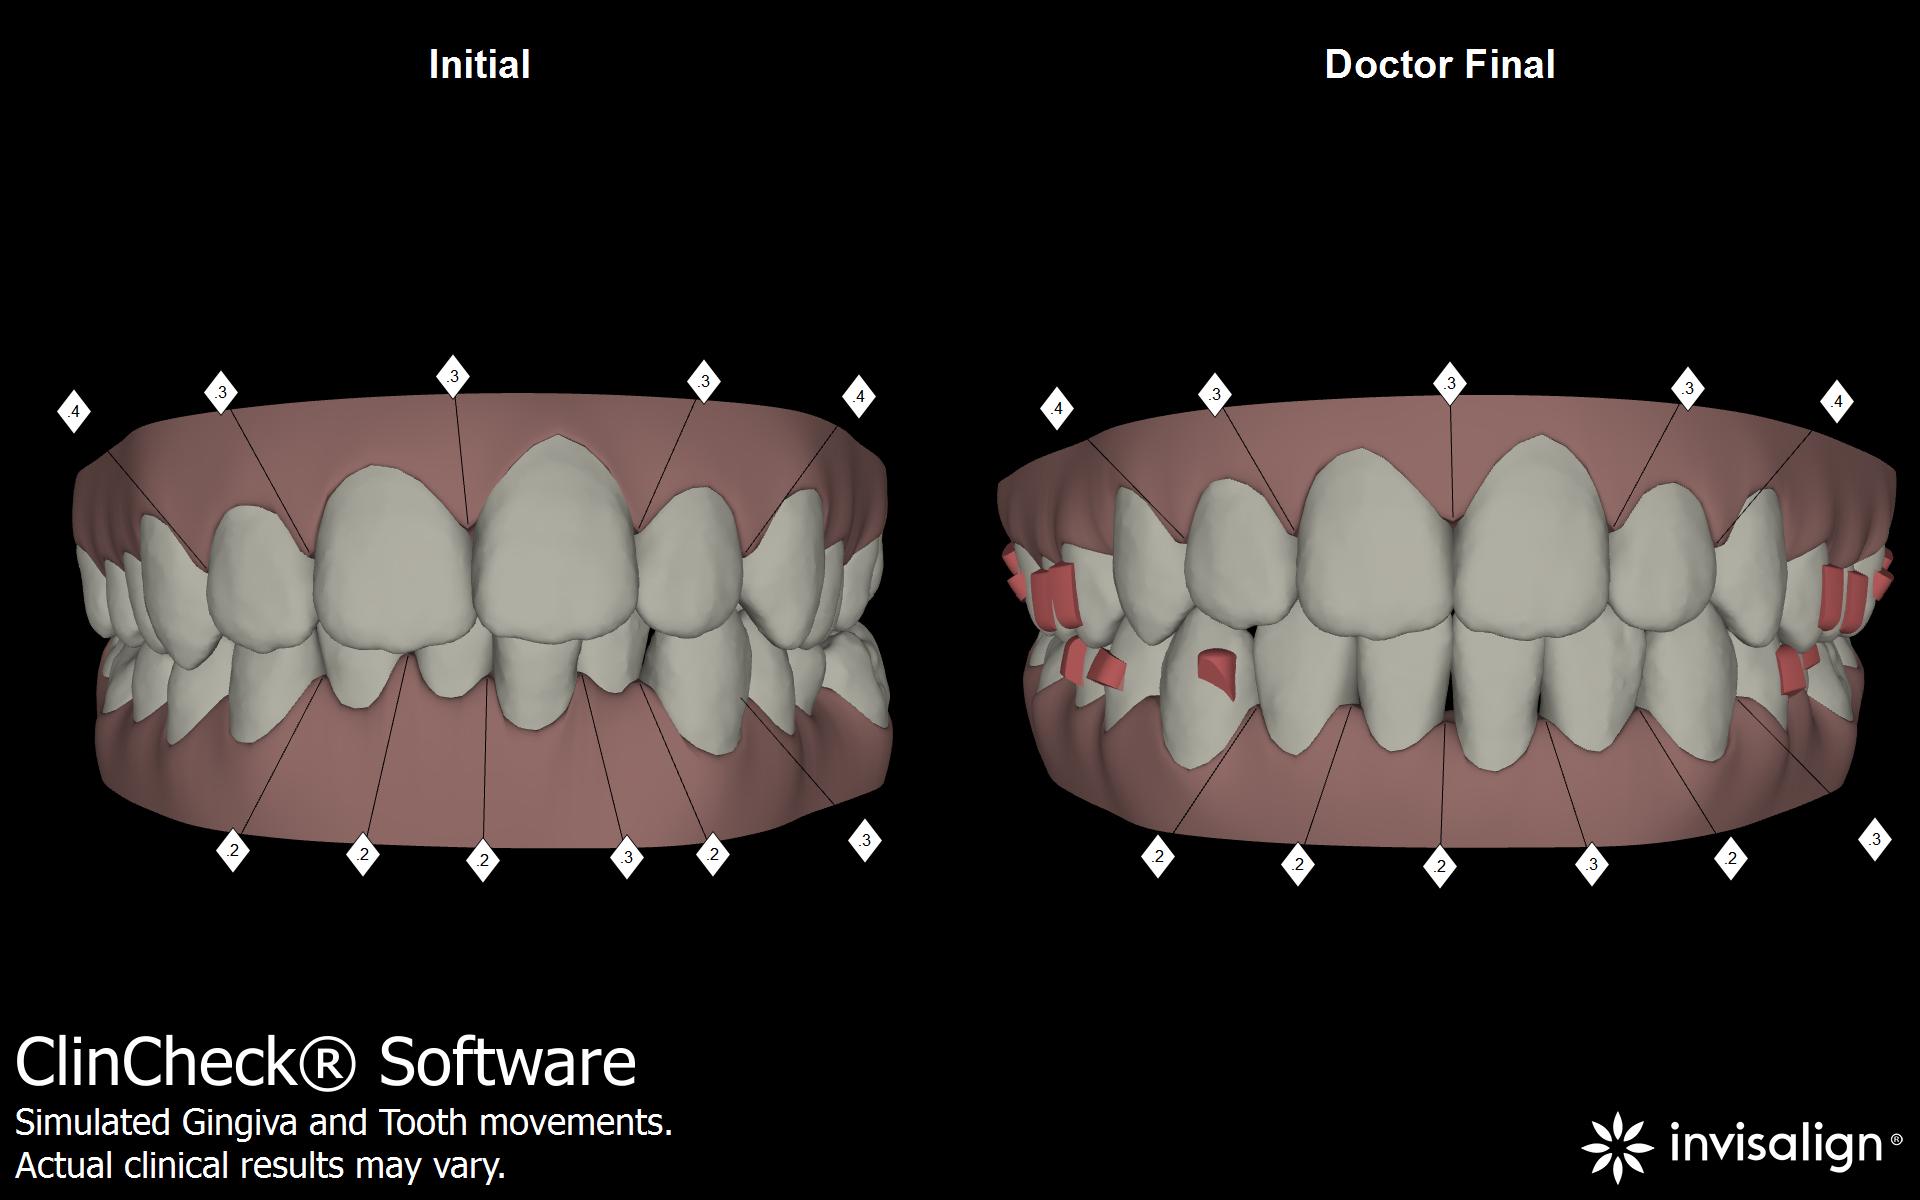 detalles de la planificacion del Dr Diego Peydro en el diseño de sonrisa